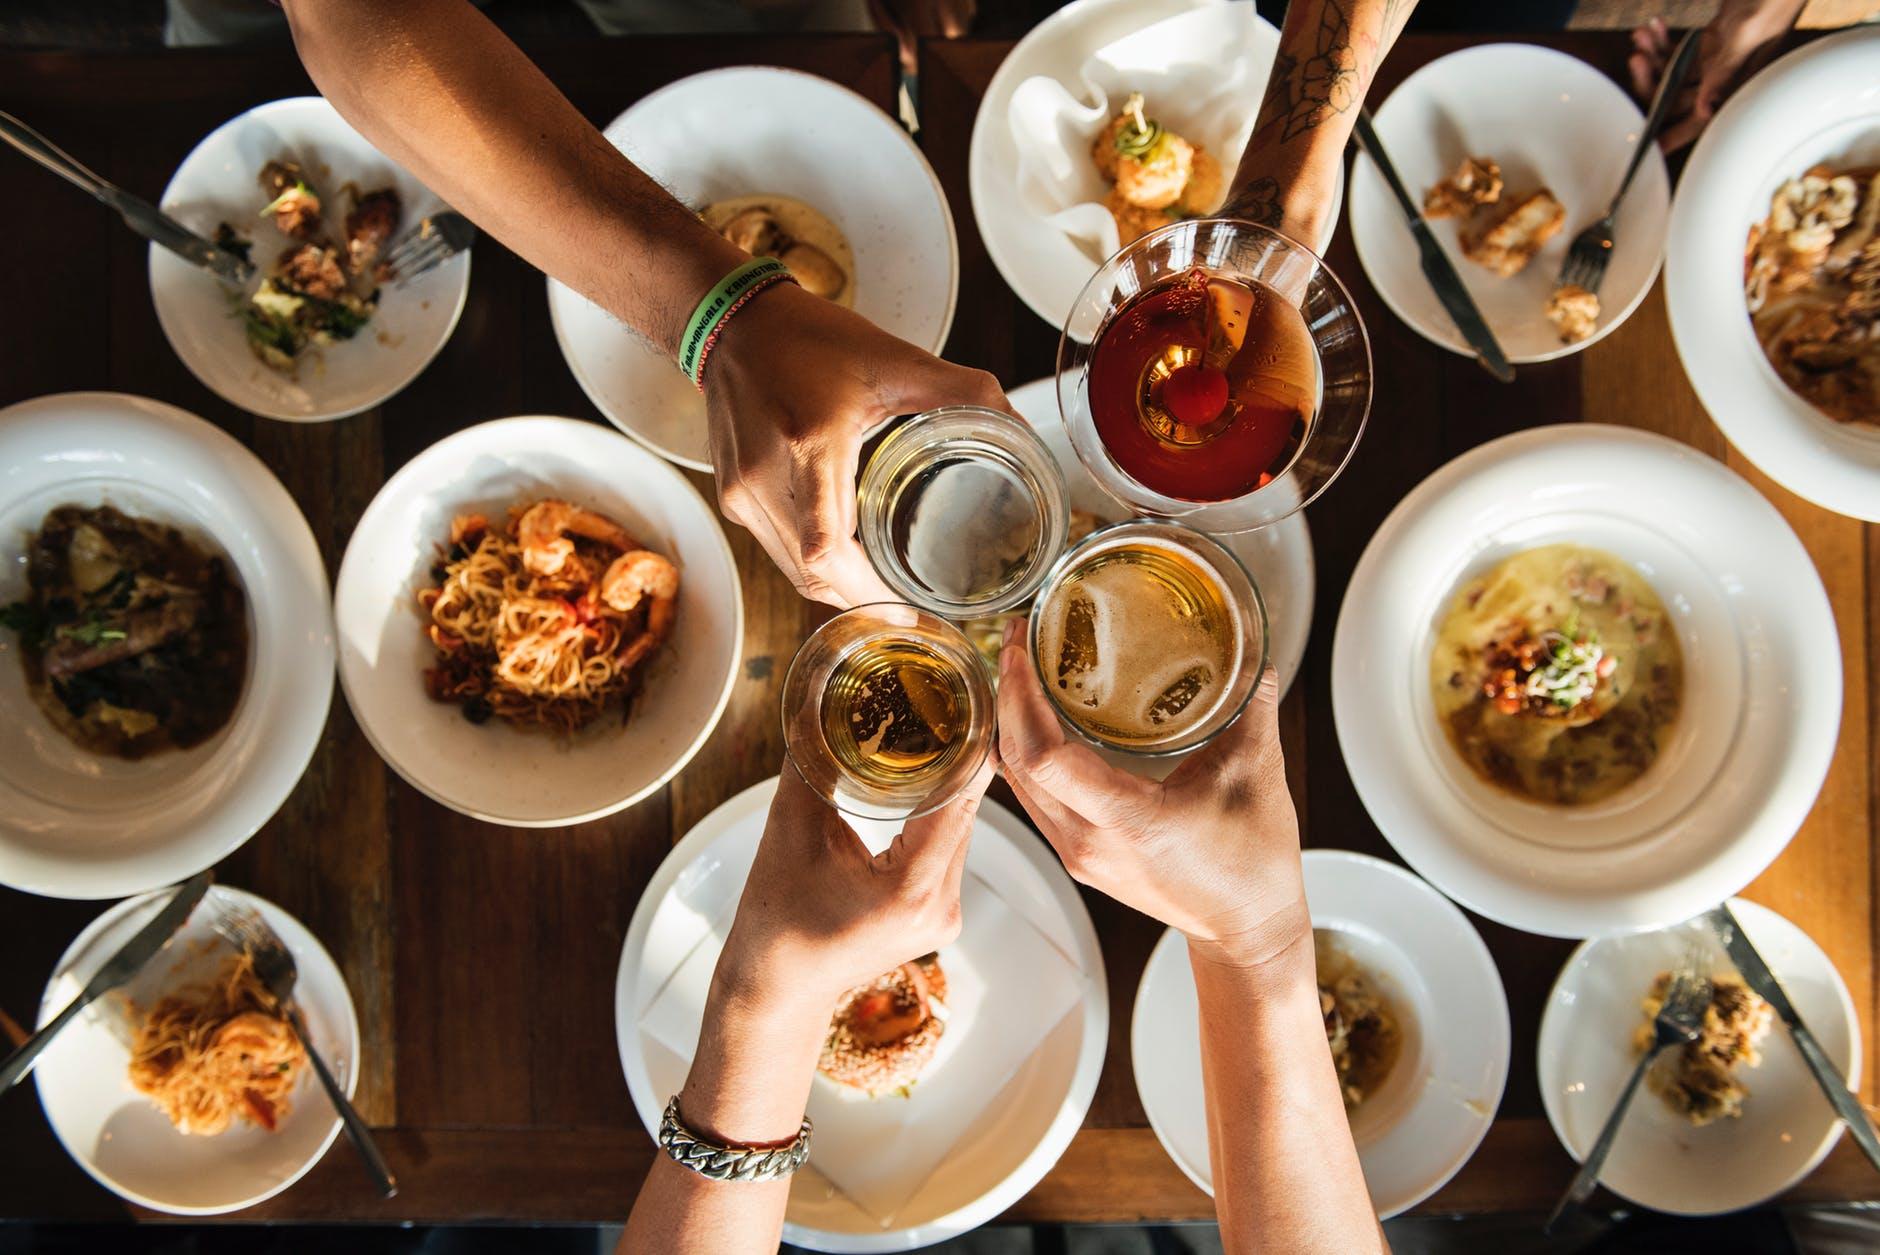 comment-choisir-buffet-asiatique